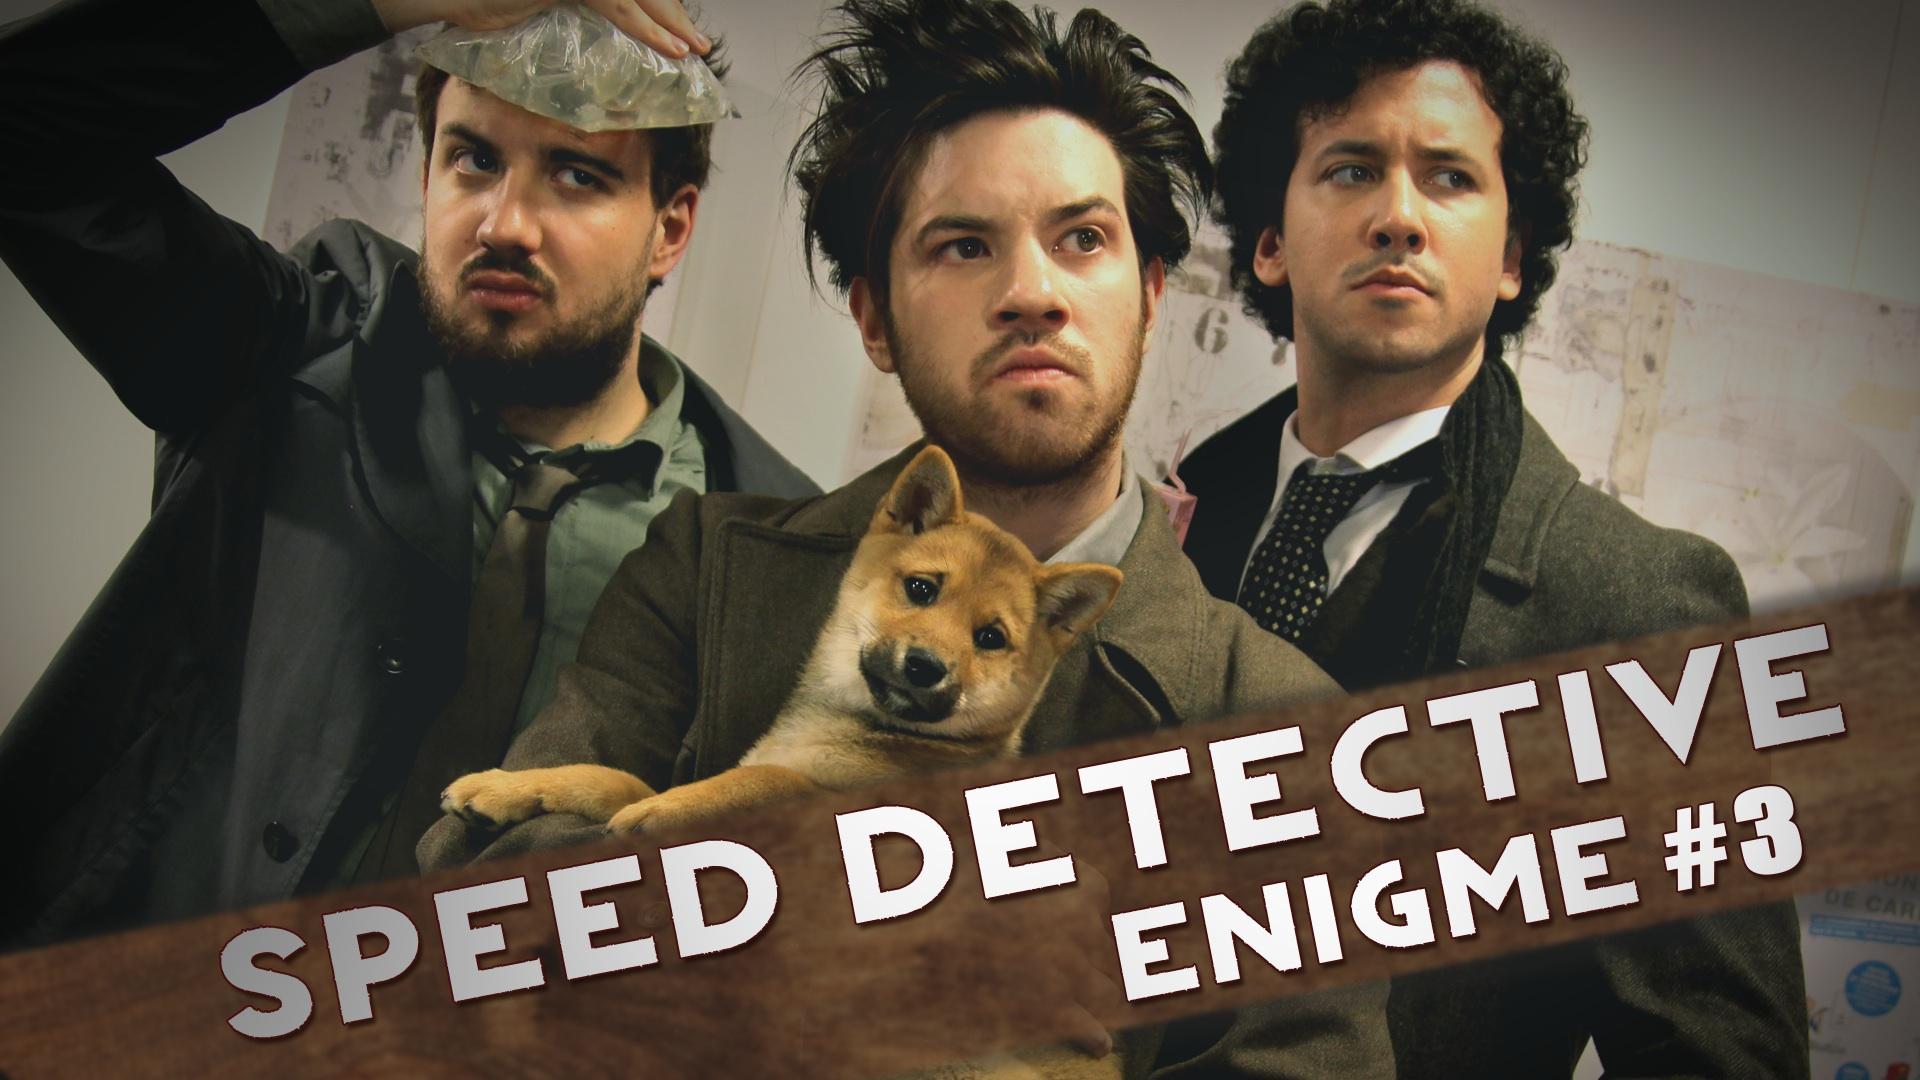 geek contest Speed detective 3 My Geek Actu.jpg